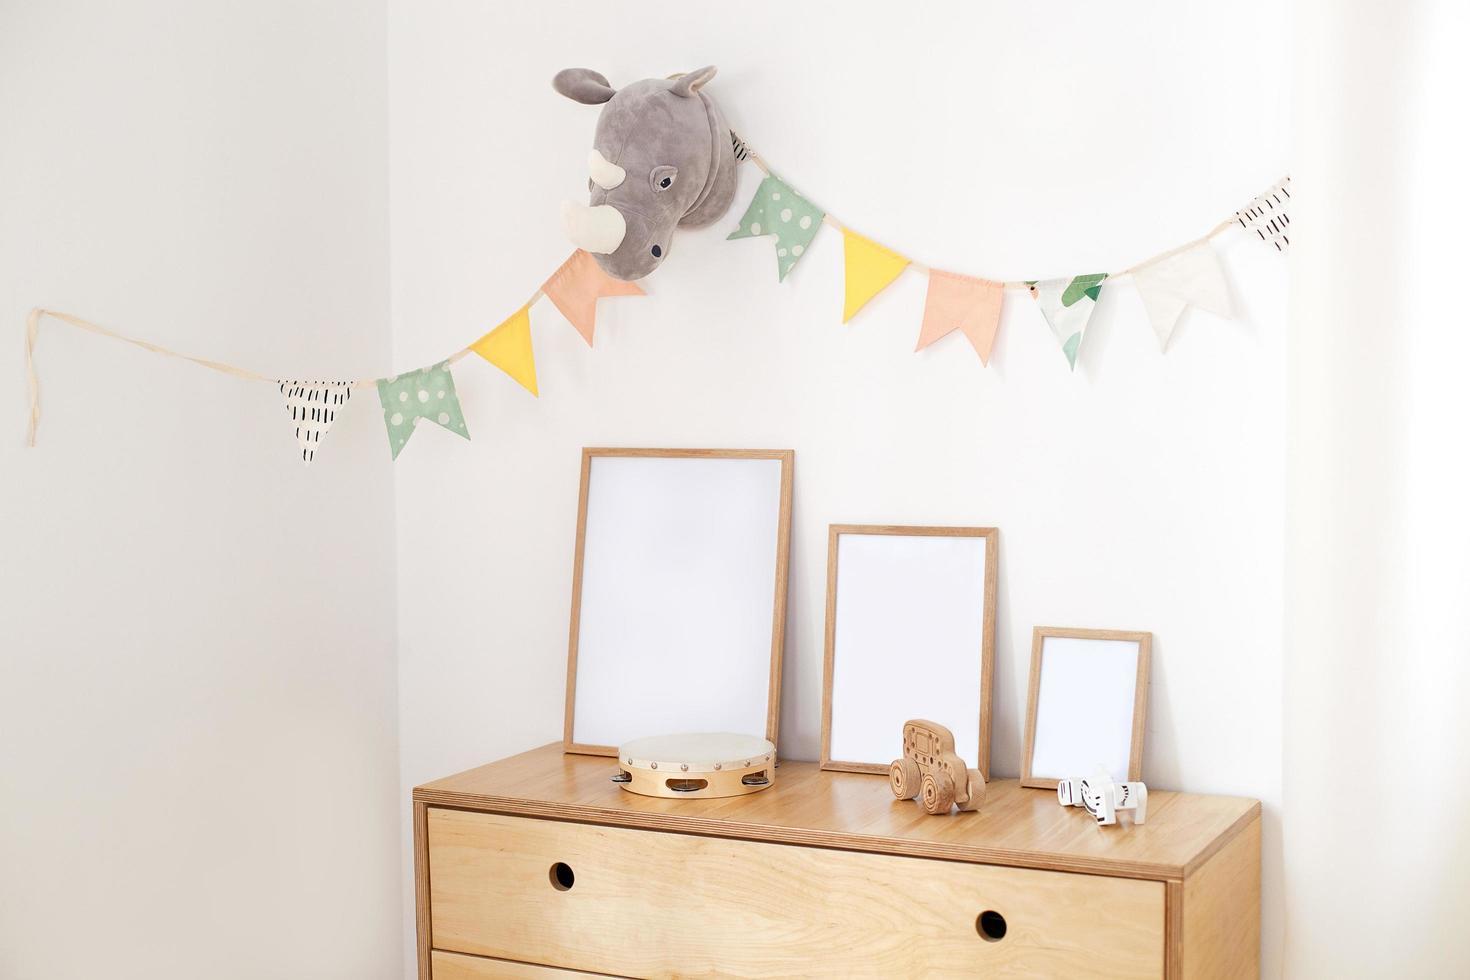 giocattoli ecologici in legno nella camera dei bambini foto